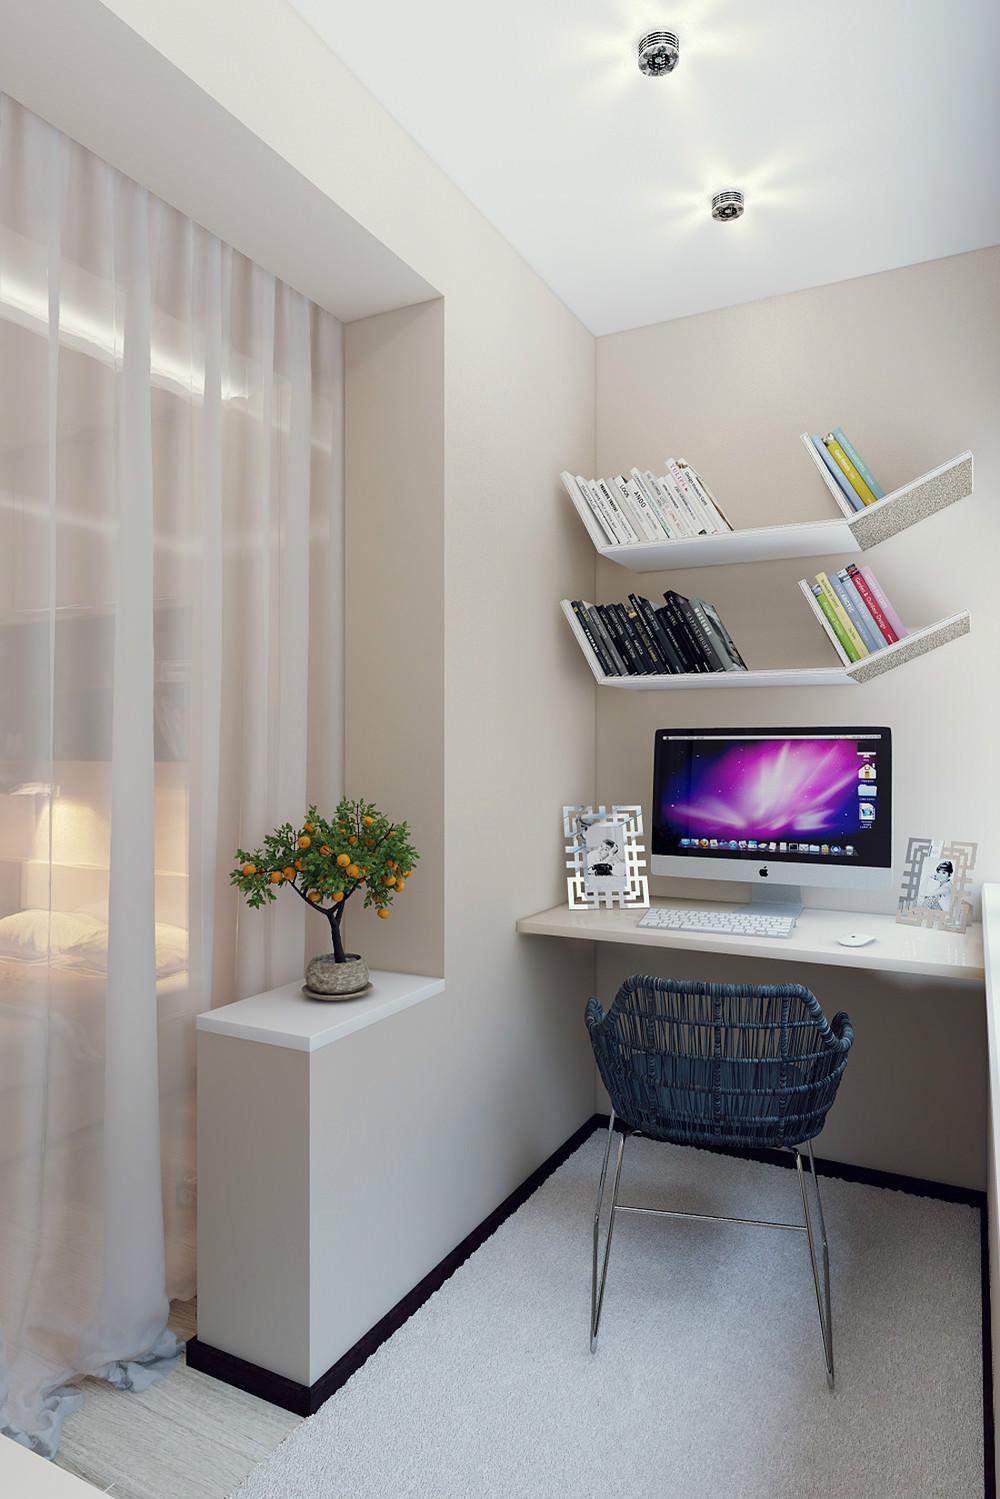 Дизайн комнаты с балконом фото.